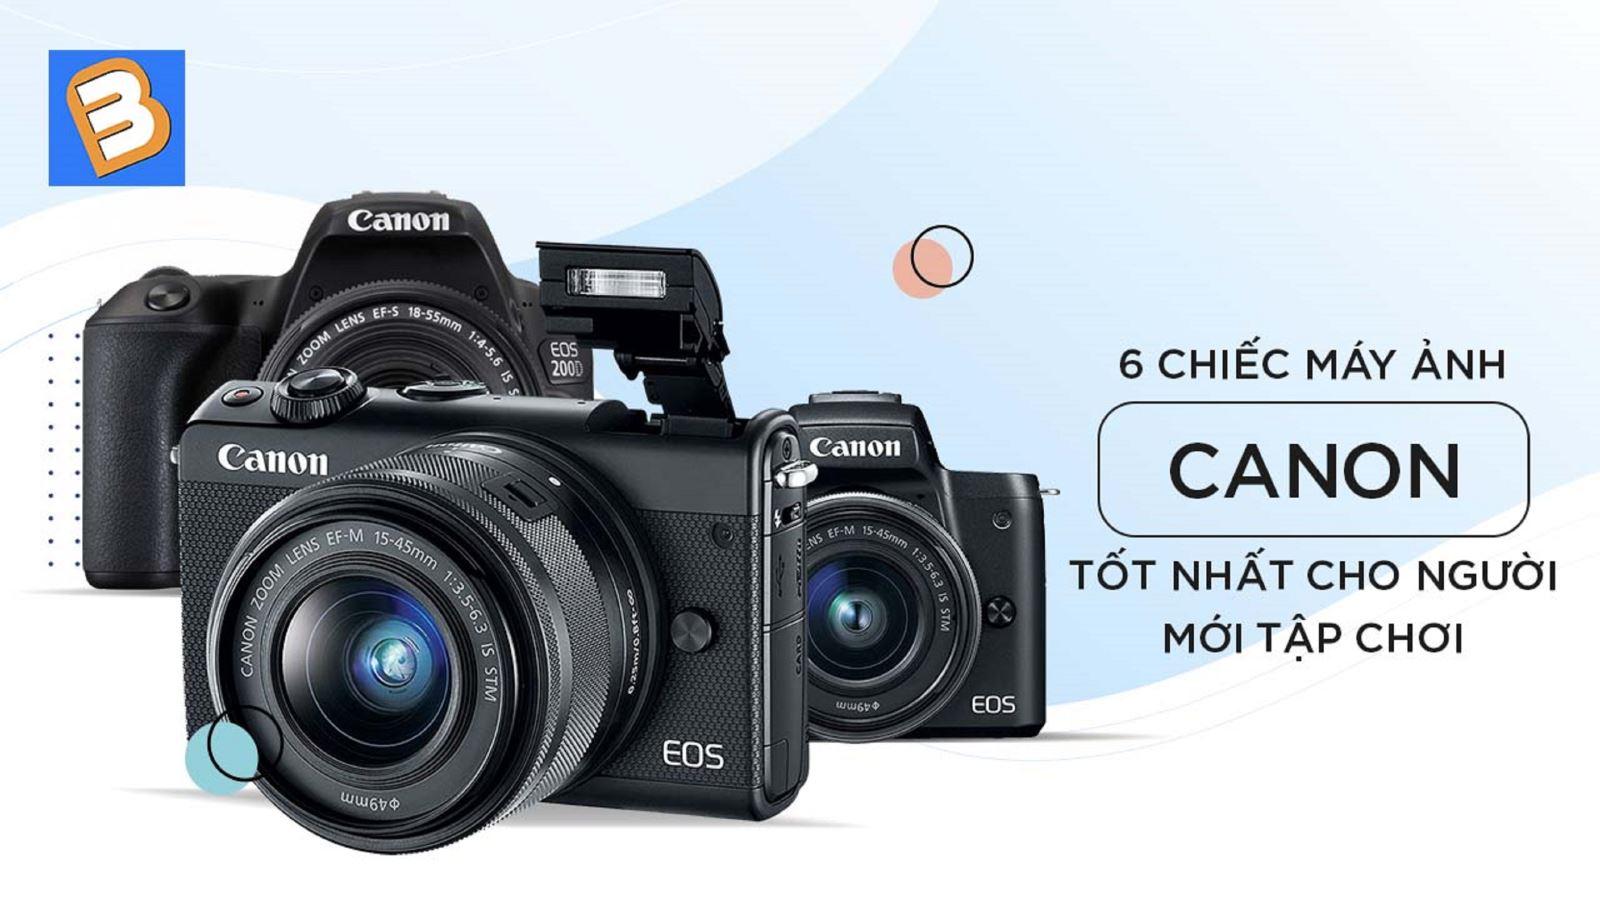 6 chiếc máy ảnhCanon tốt nhất cho người mới tập chơi